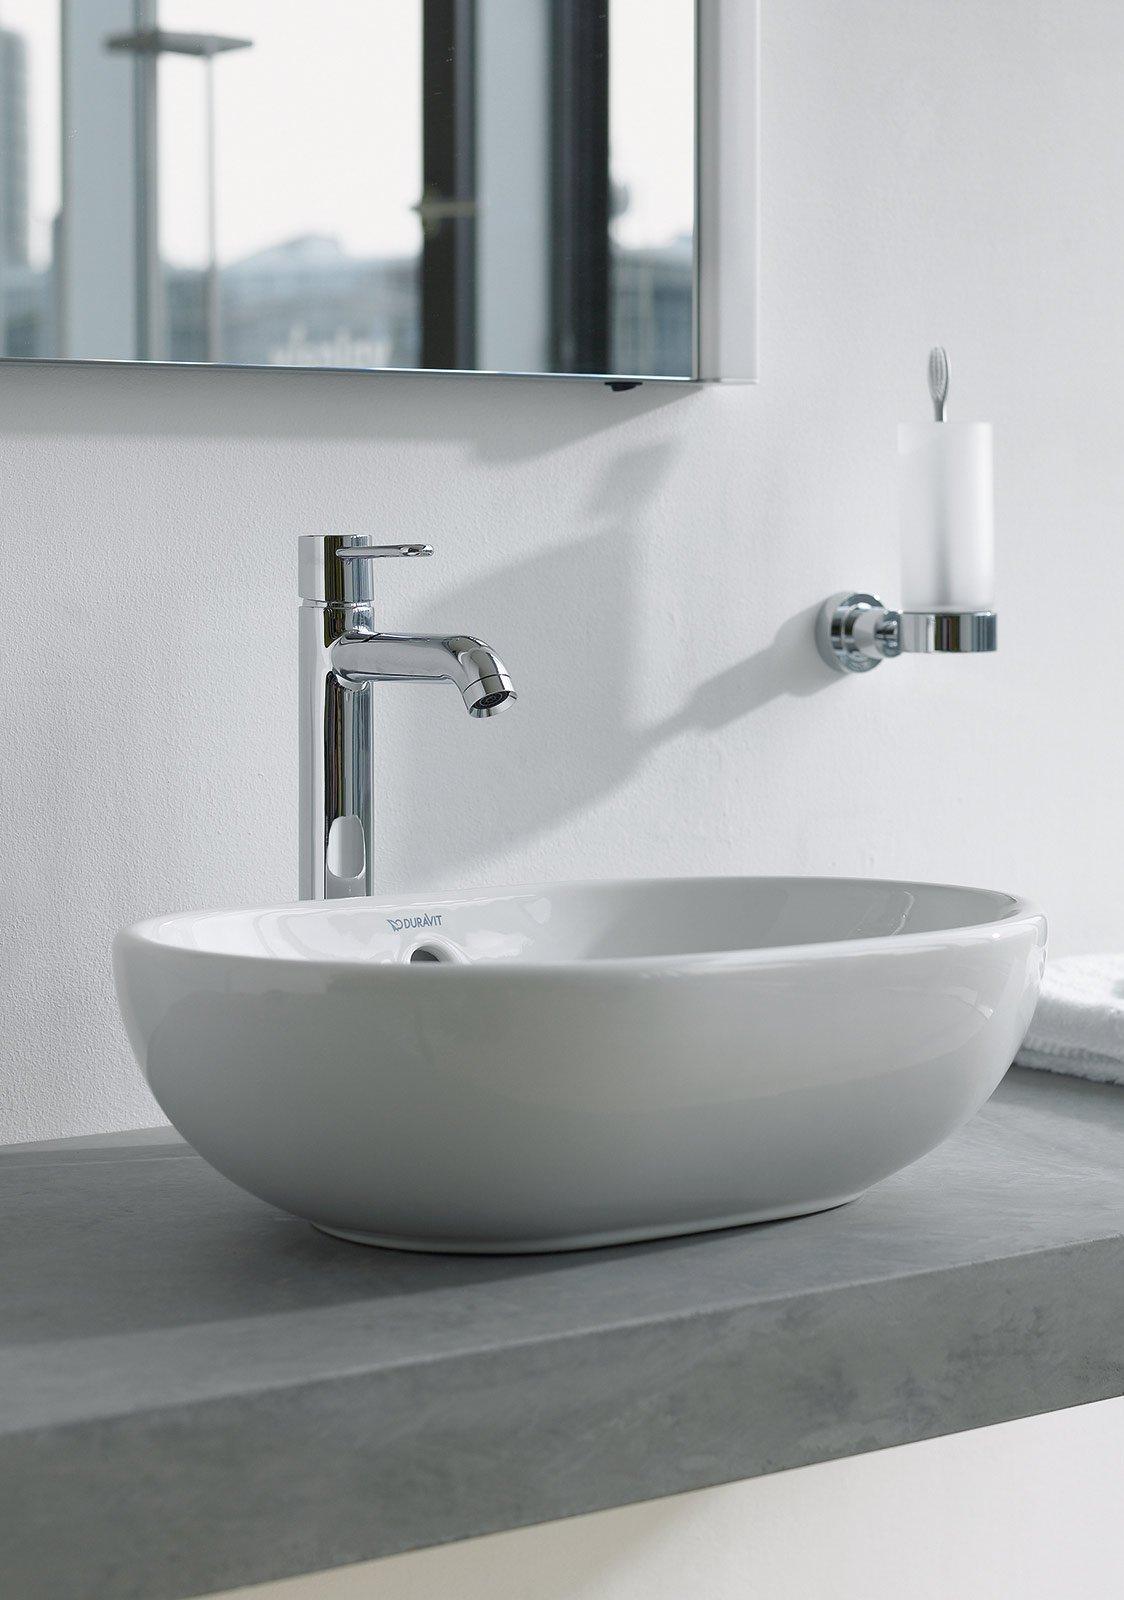 Lavabi sospesi e da appoggio cose di casa - Lavelli da appoggio per bagno ...